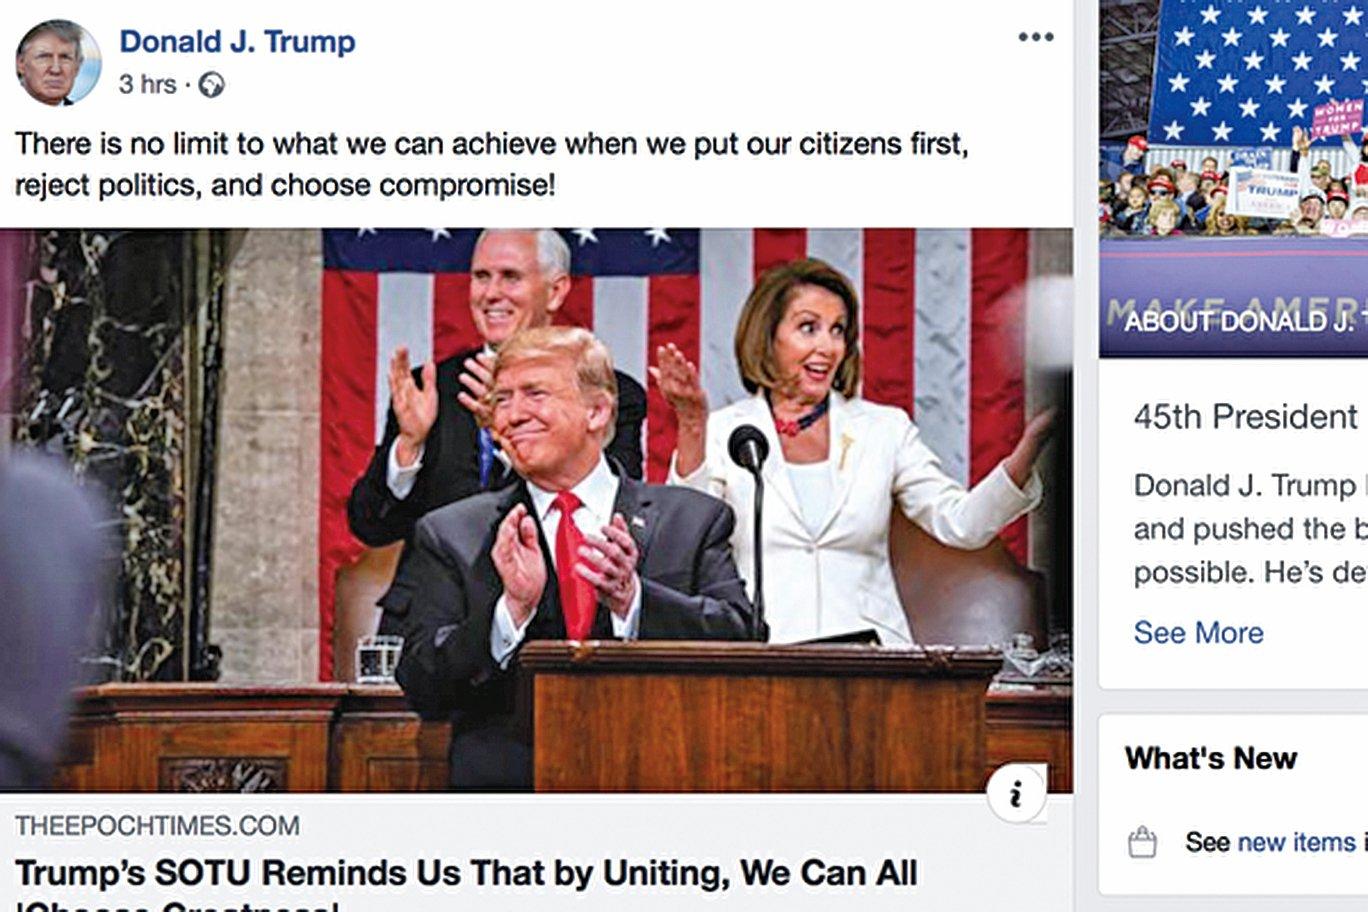 美國總統特朗普周五(2月8日)在臉書再次轉發英文大紀元文章,並同時呼籲說,當我們把公民放在首位,選擇和解時,所能夠取得的成就是無限的。(特朗普臉書截圖)